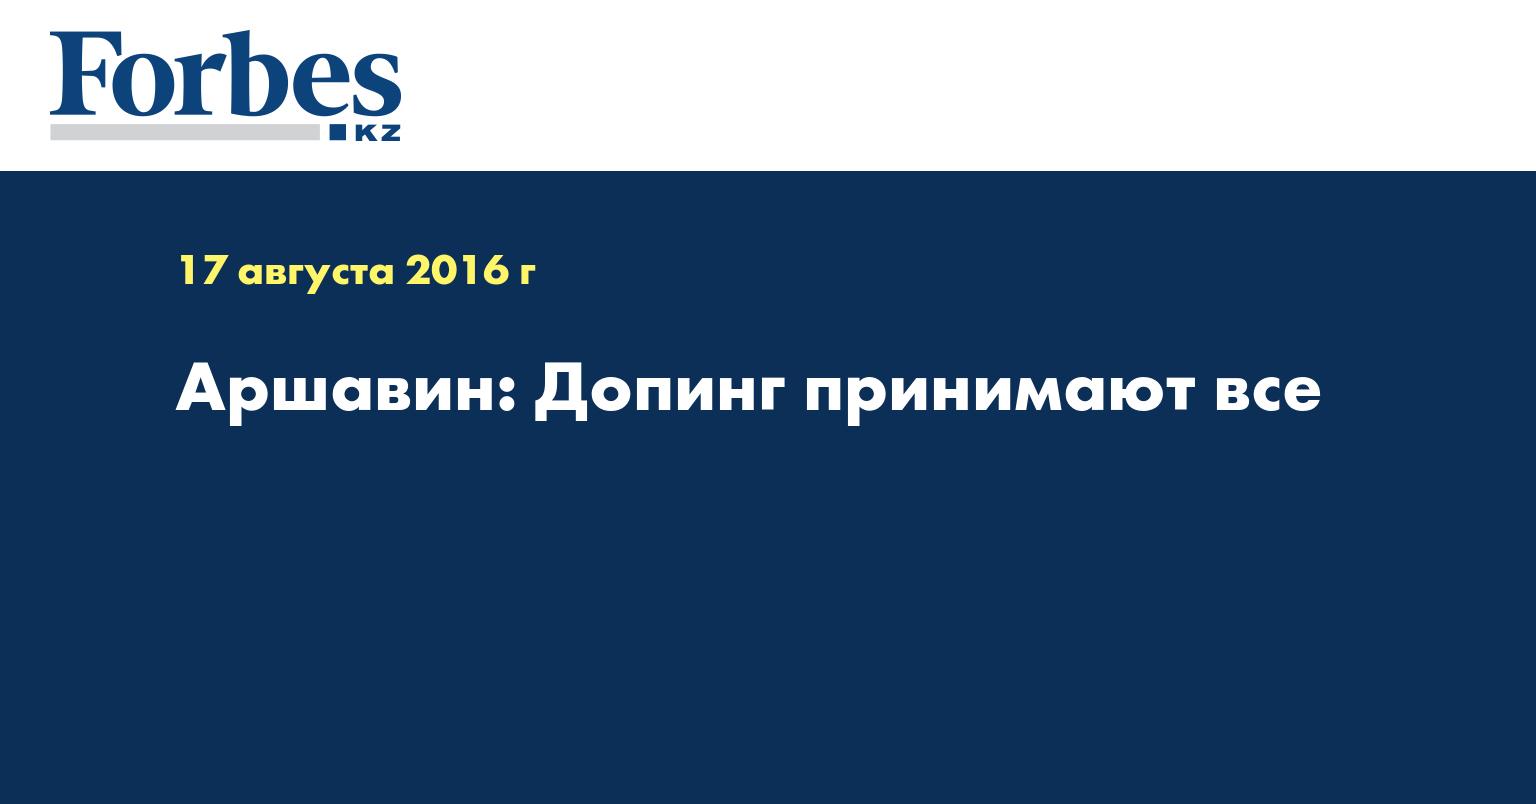 Аршавин: Допинг принимают все